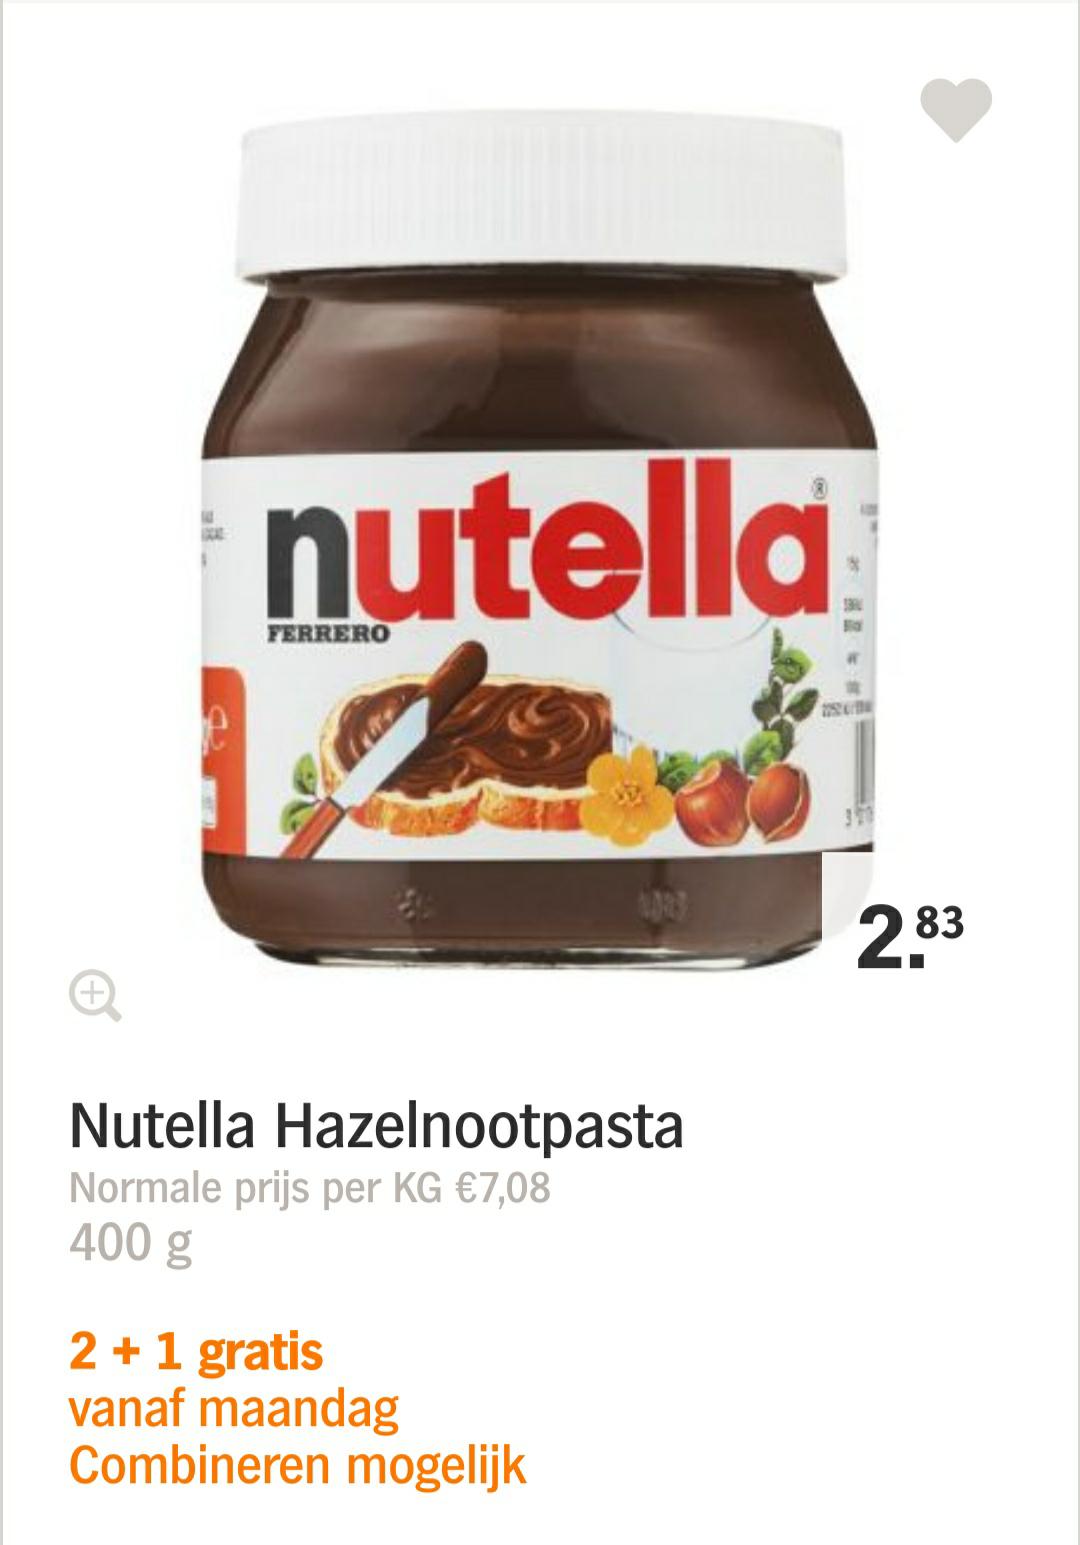 Nutella 2+1 gratis @ AH (alle A-merk zoet broodbeleg en pindakaas)